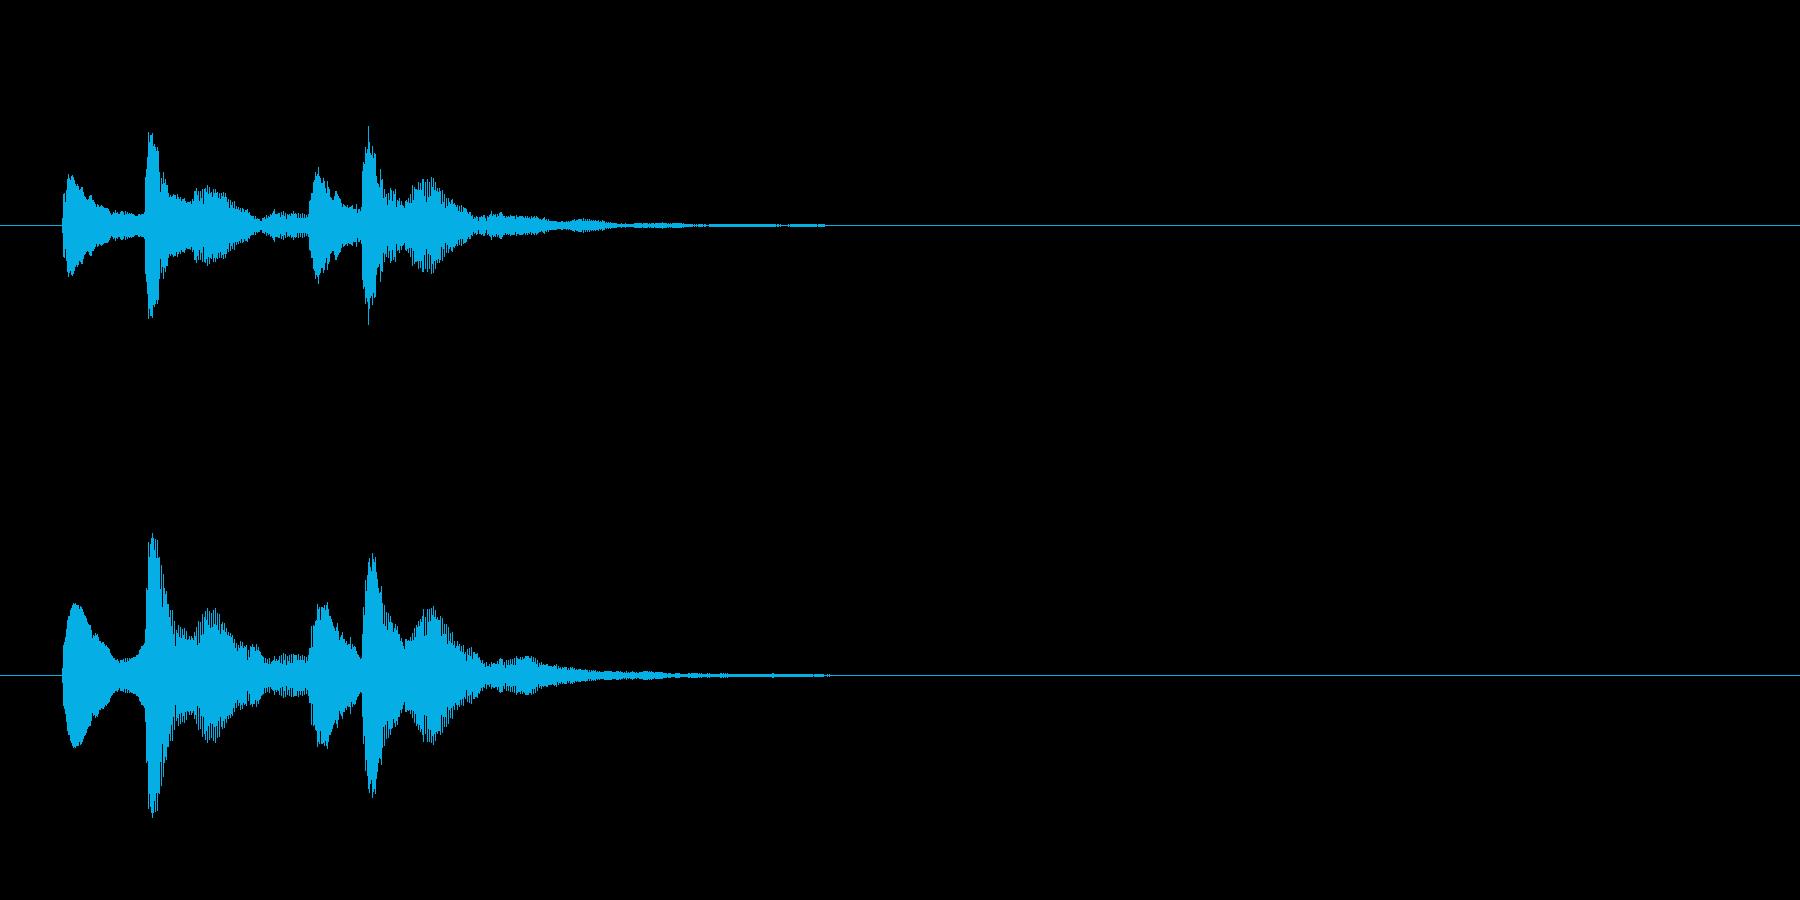 【ぴこぴこ】スチールドラムの可愛い音ですの再生済みの波形